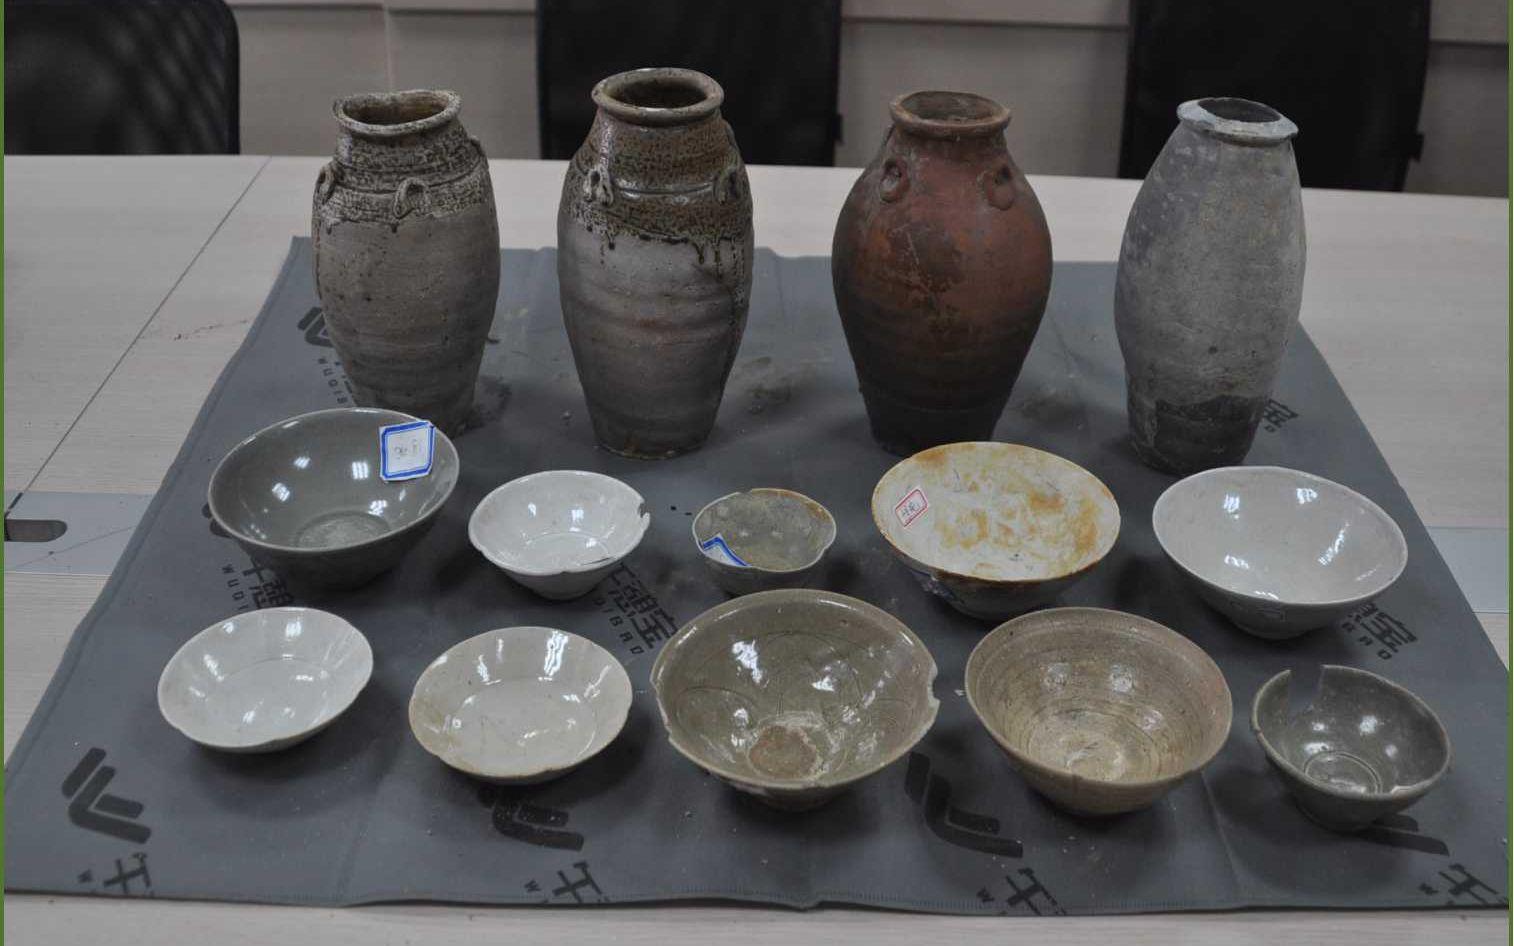 10名A级通缉文物犯罪在逃人员到案 部分西周时期文物被追缴图片